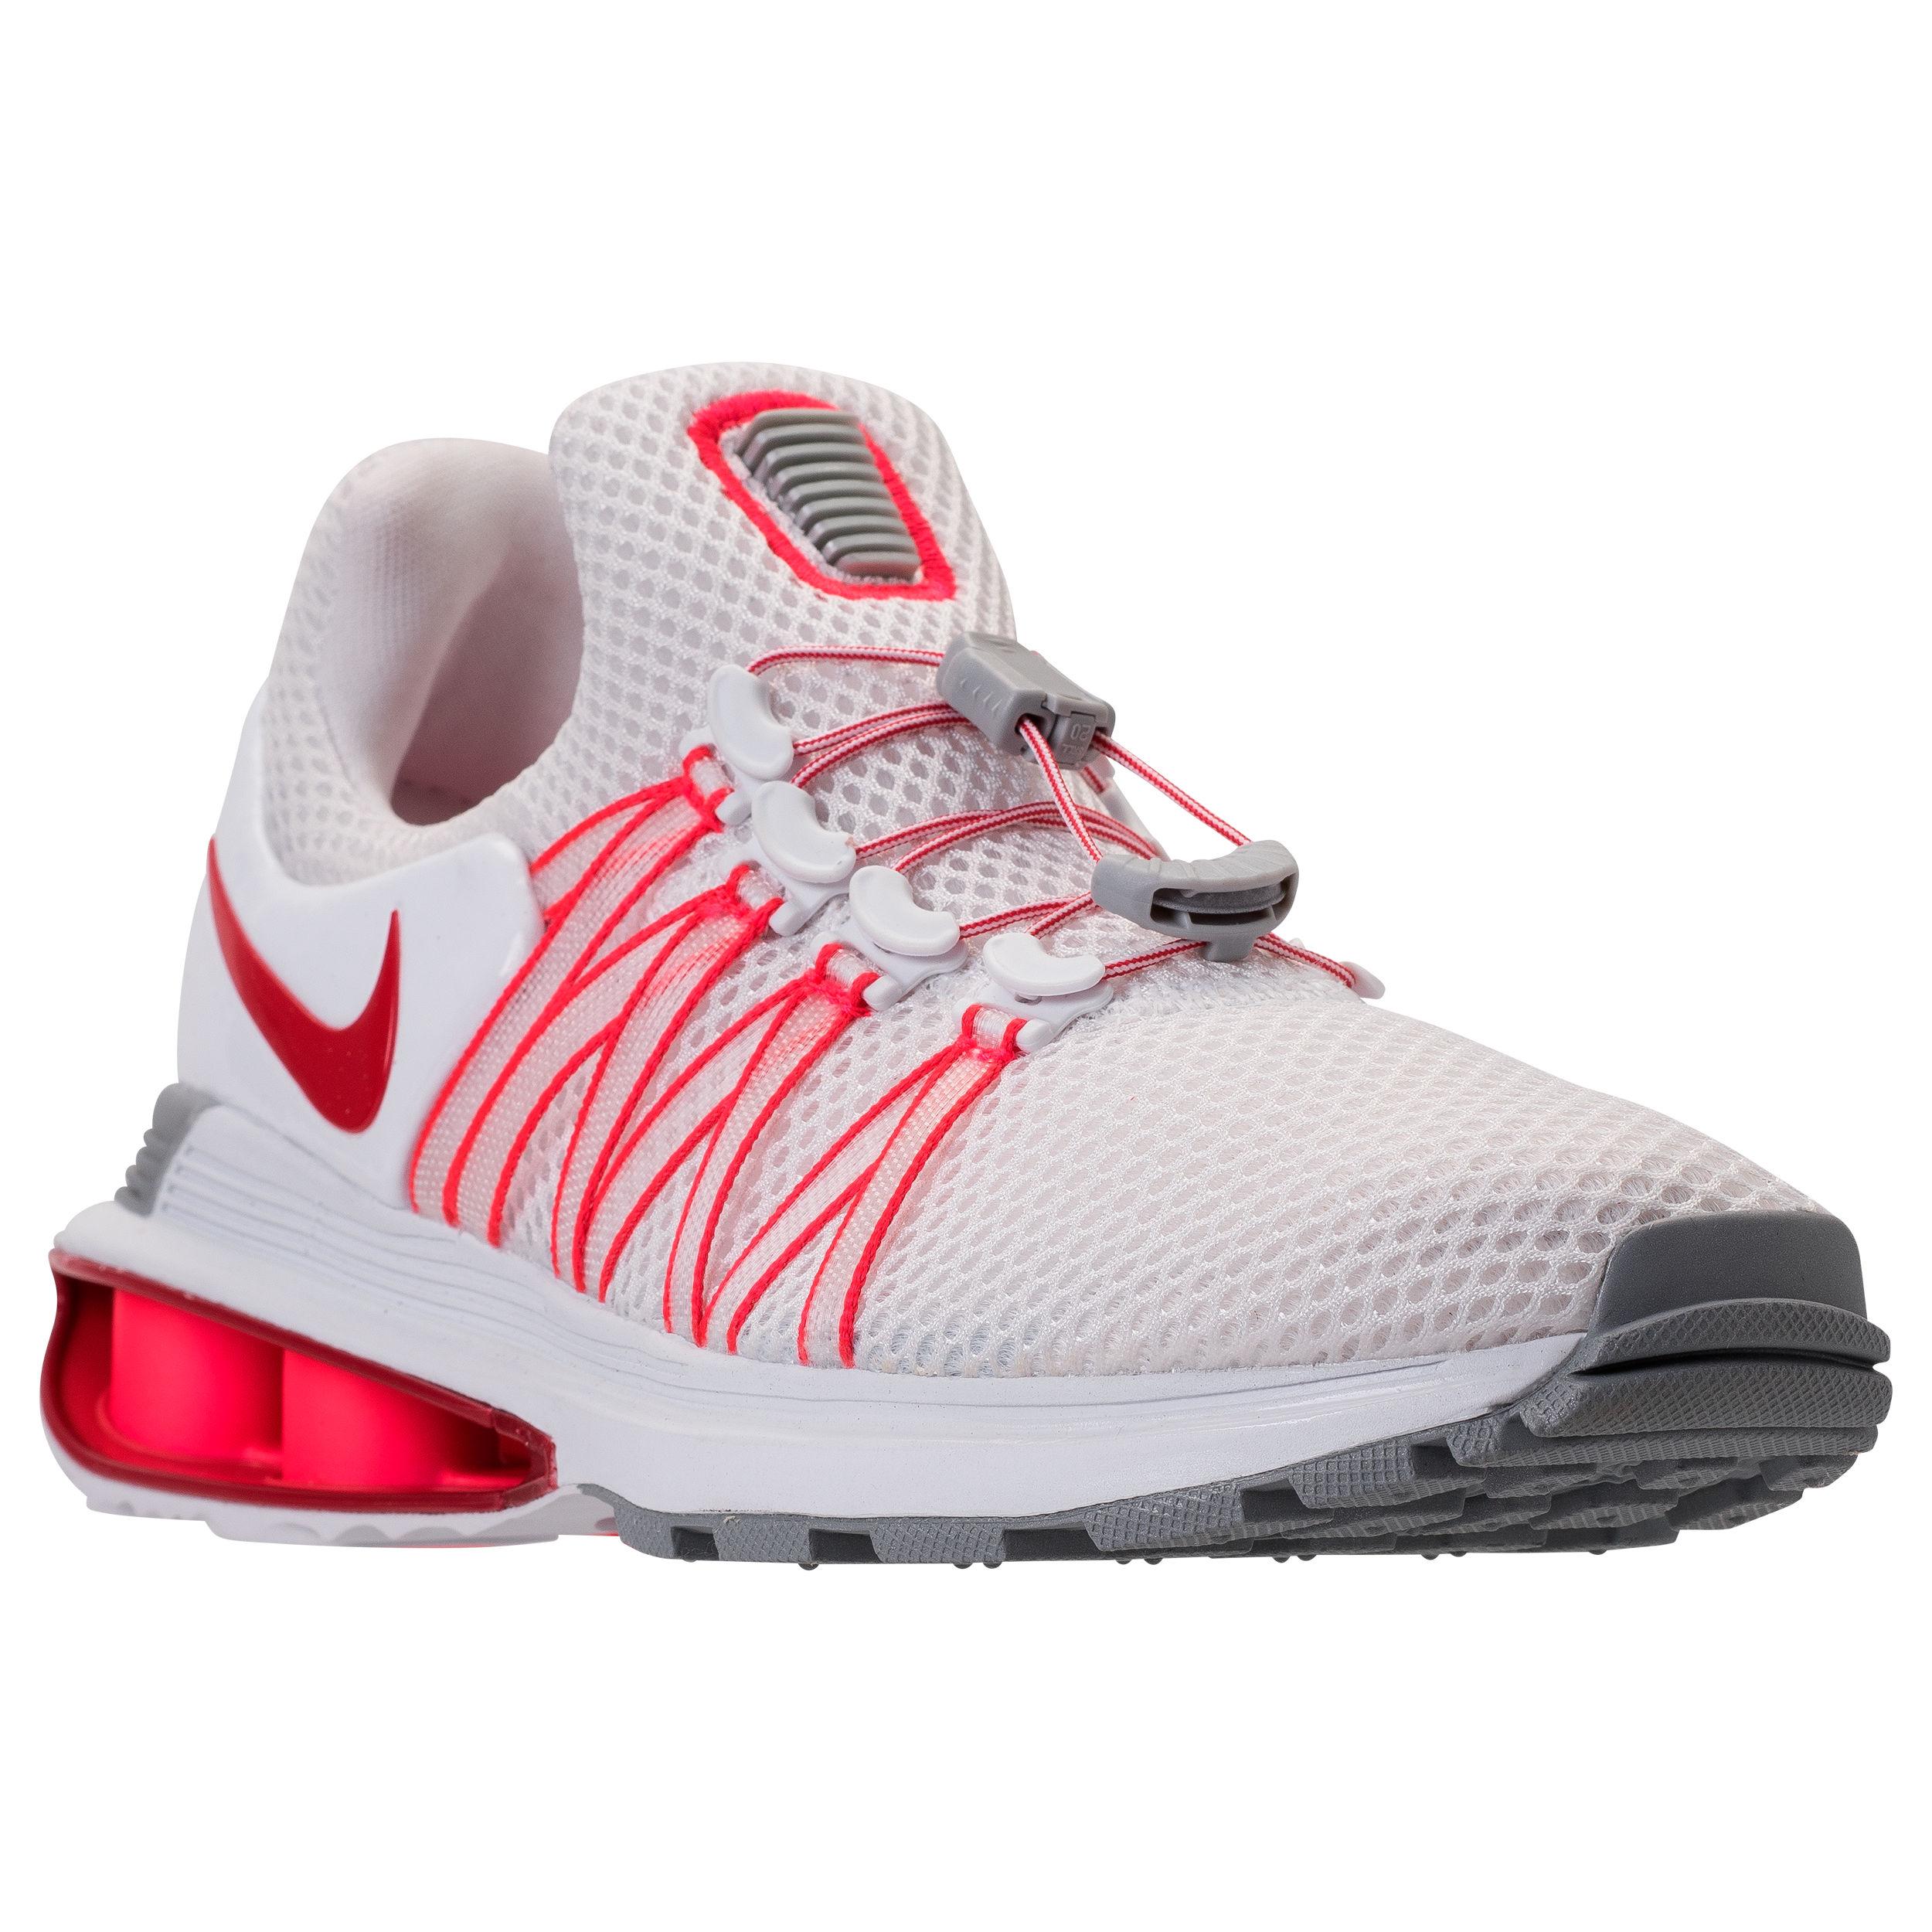 3fda4c57740 Nike Sneaker Drop Women Jordan 5 Doernbecher Restock 2013